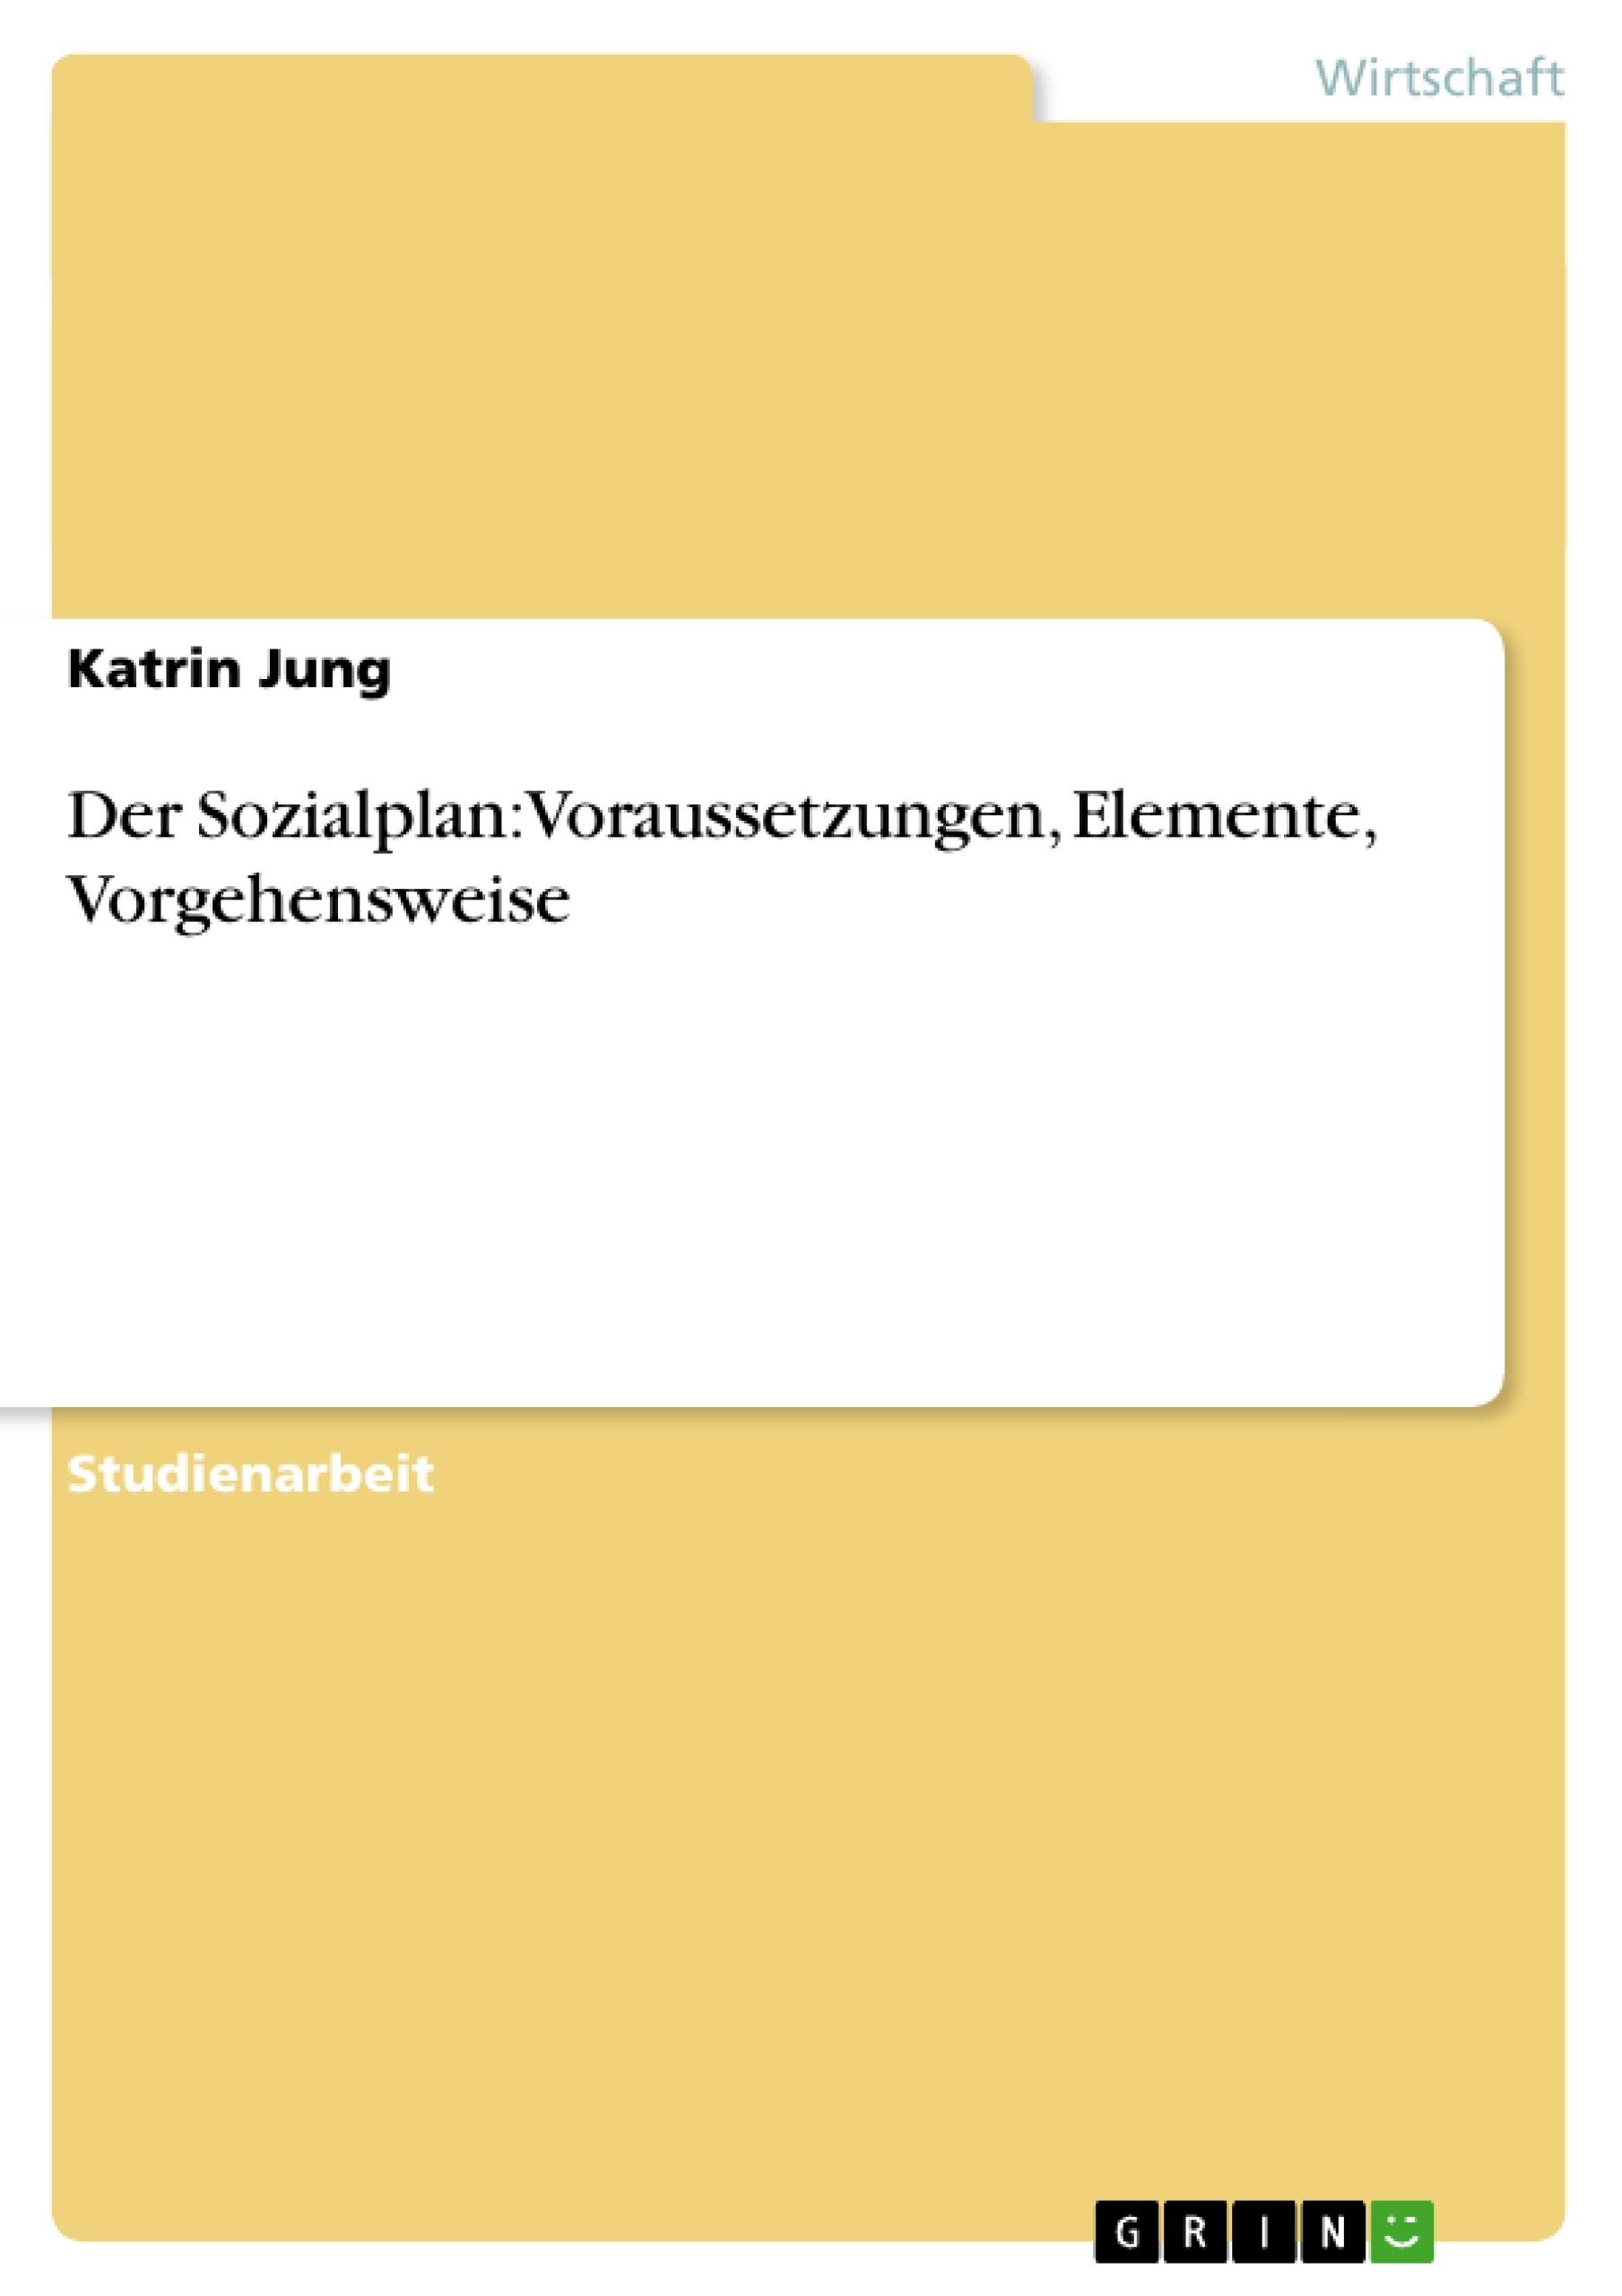 Titel: Der Sozialplan: Voraussetzungen, Elemente, Vorgehensweise